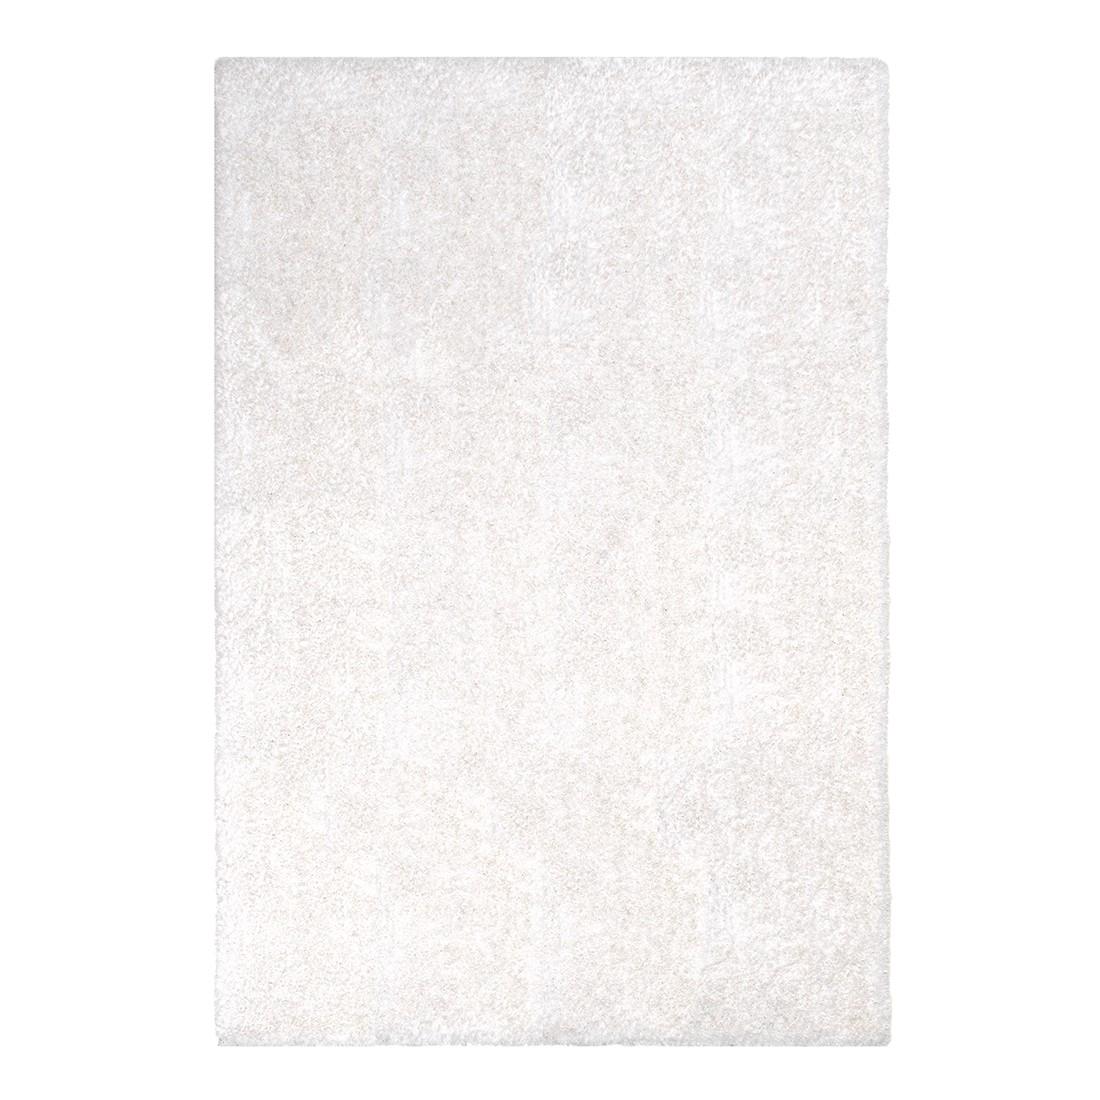 Teppich Emotion – Weiß – 140 x 200 cm, Schöner Wohnen Kollektion günstig